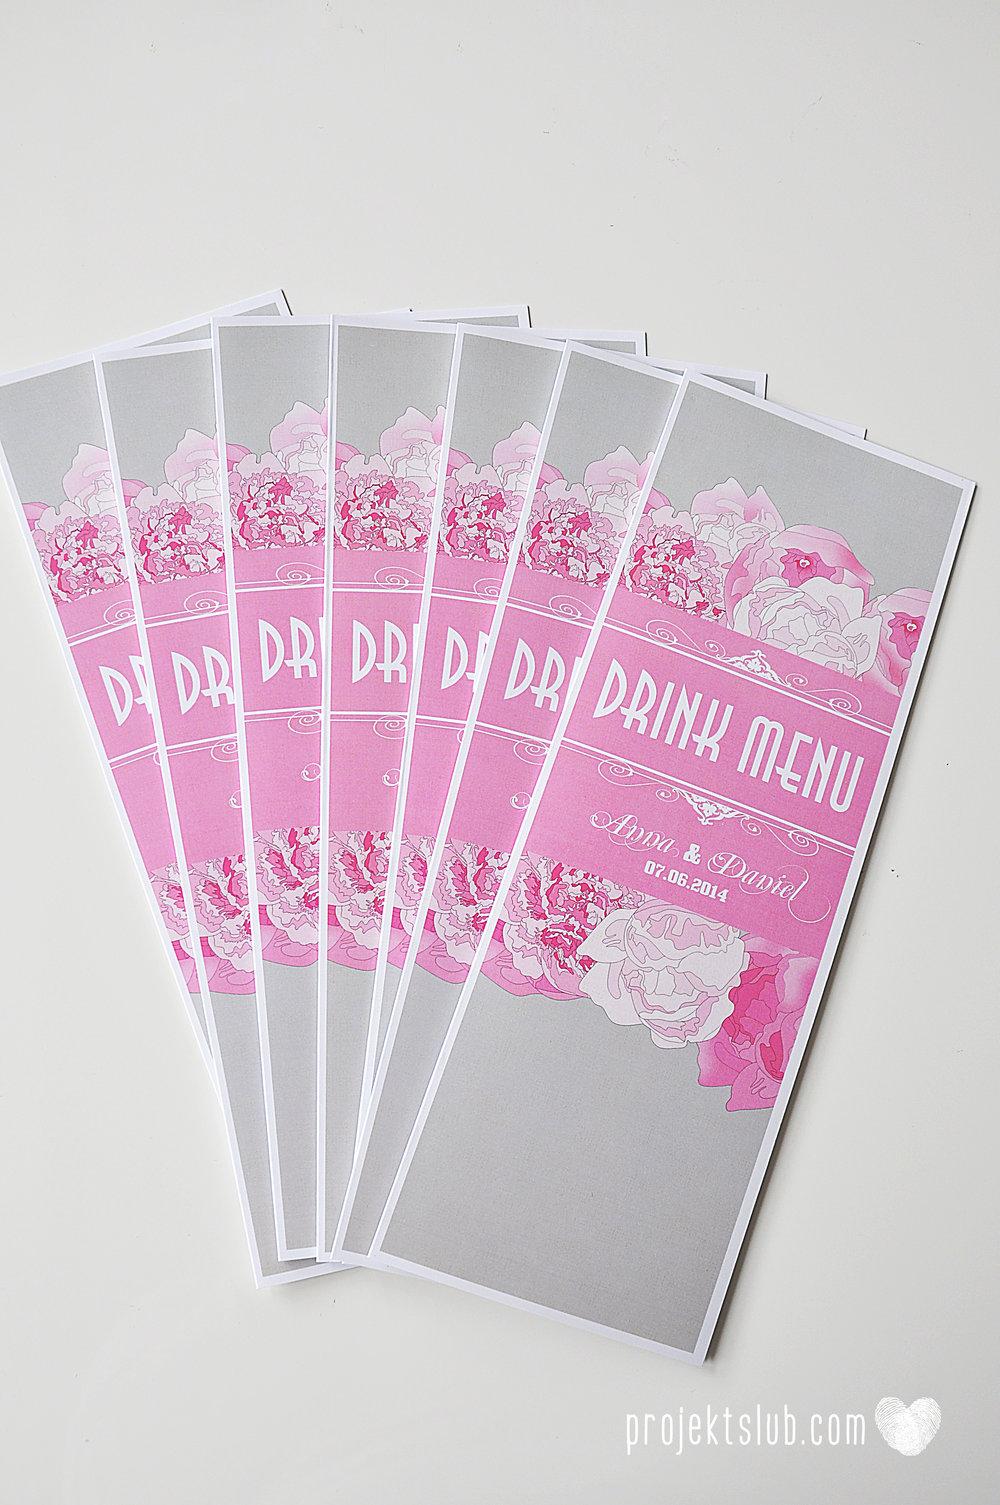 Zaproszenia poczuj miętę z motywem młodej pary buty ślubne hobby grafiki zdjęcia szary róż dodatki weselne zawieszki menu papetria projekt ślub (24).jpg